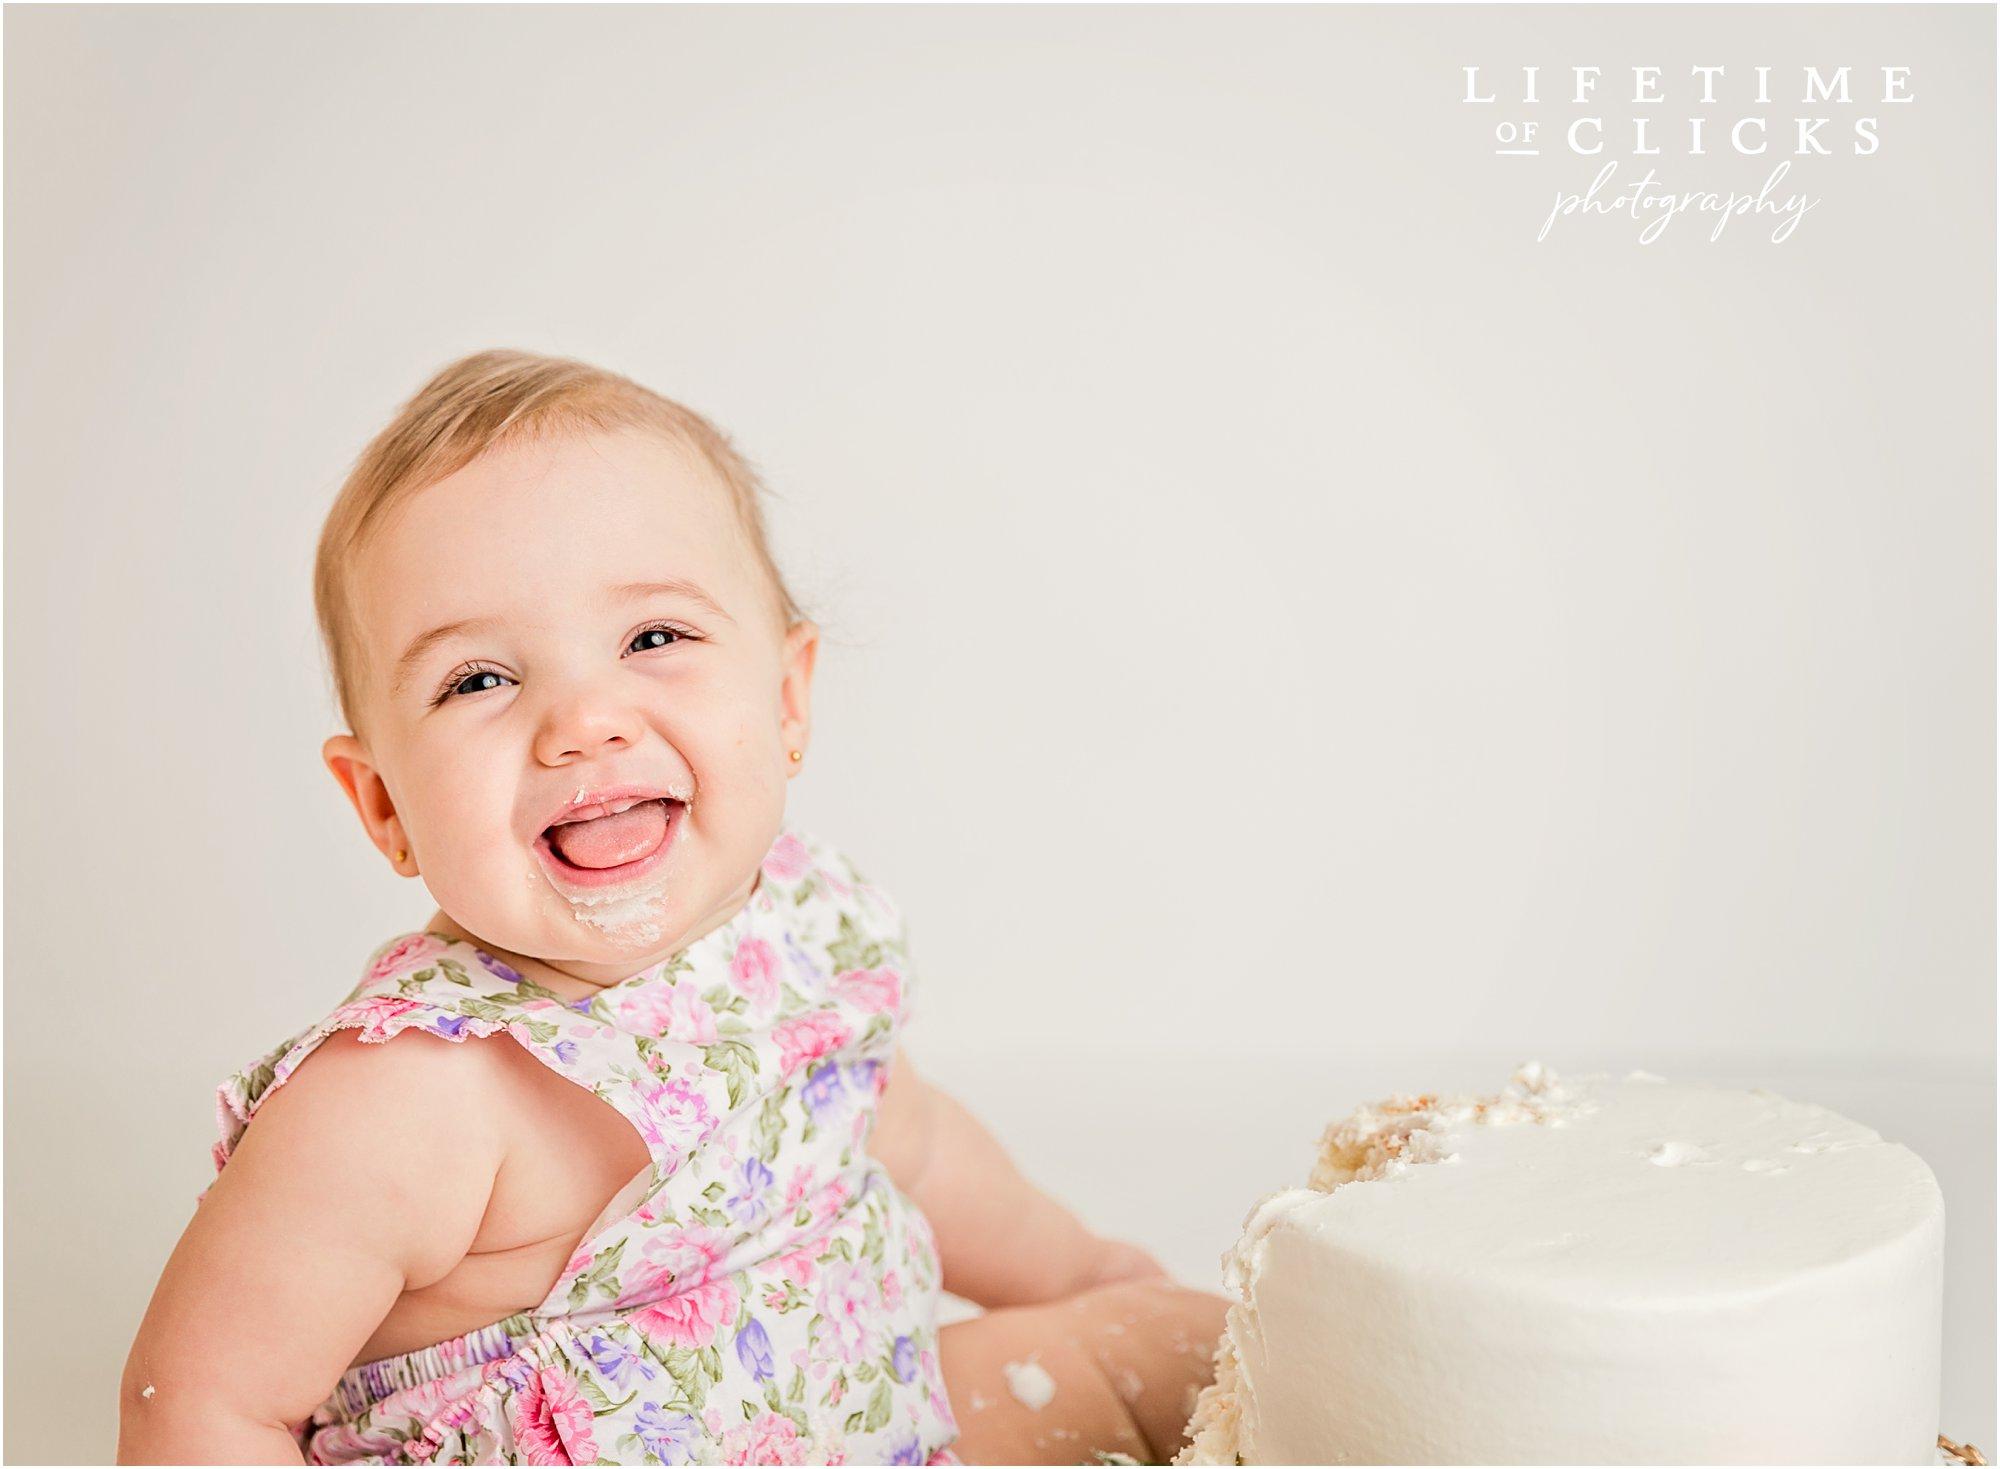 laughing girl eating birthday cake